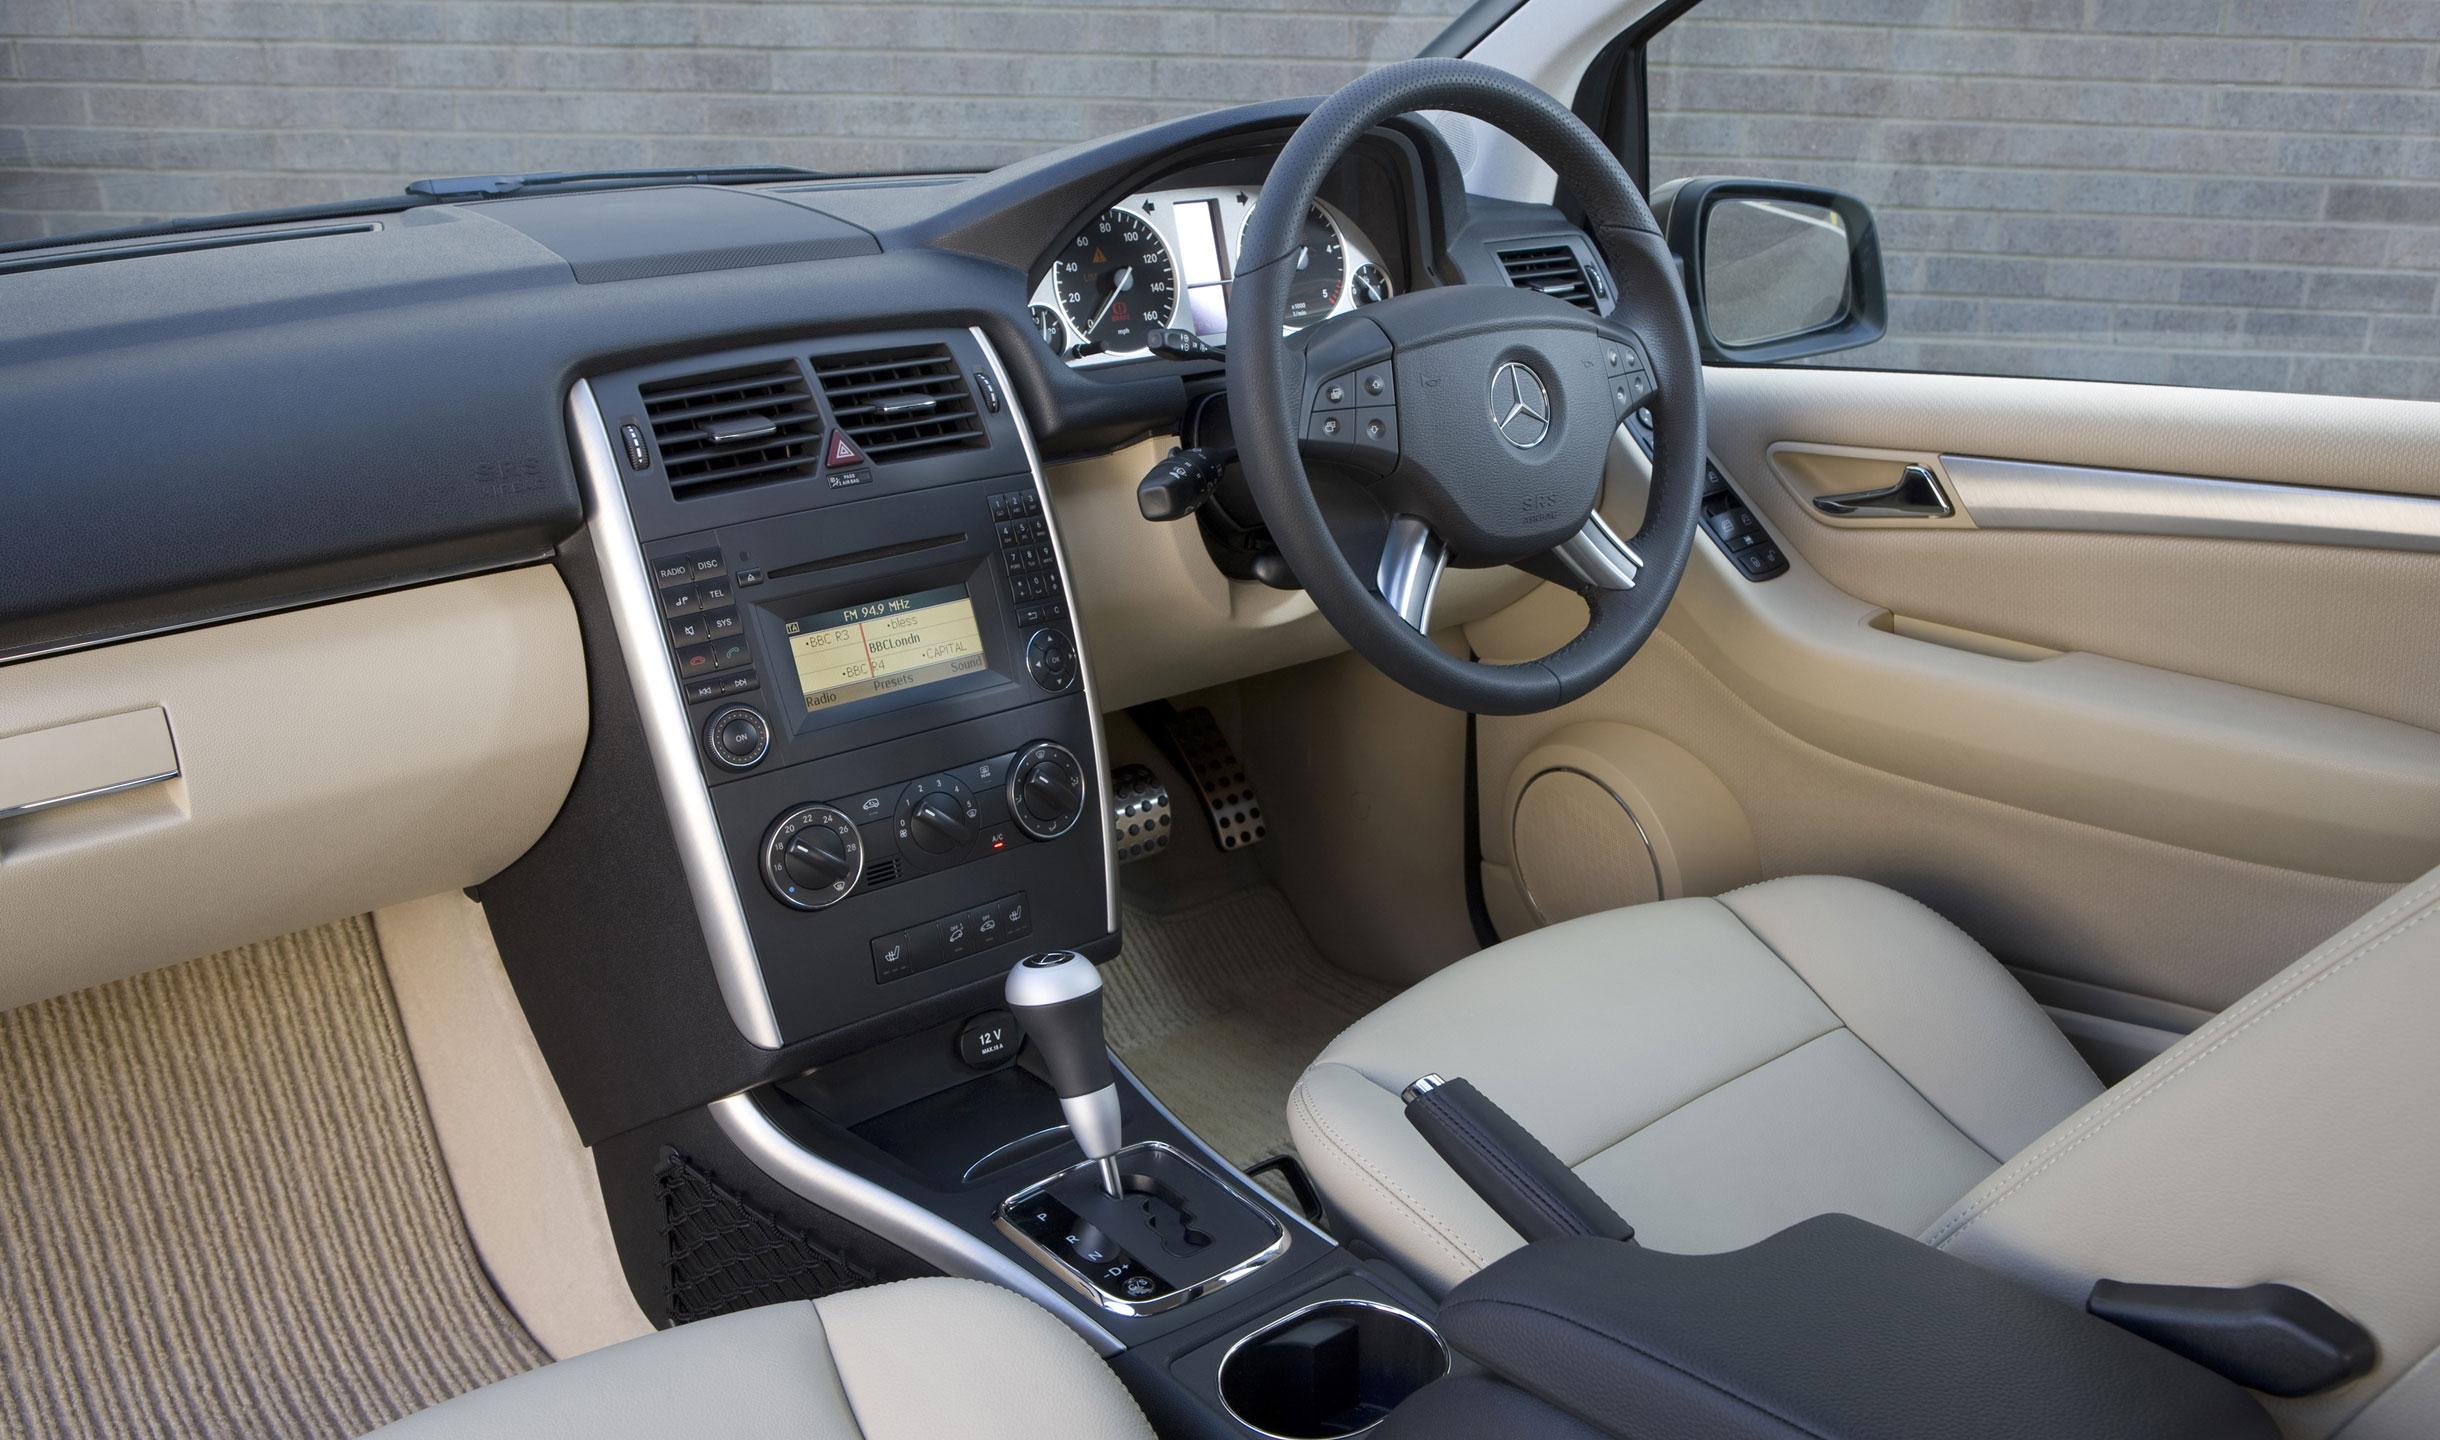 Mercedes B-Class (2005-2012)